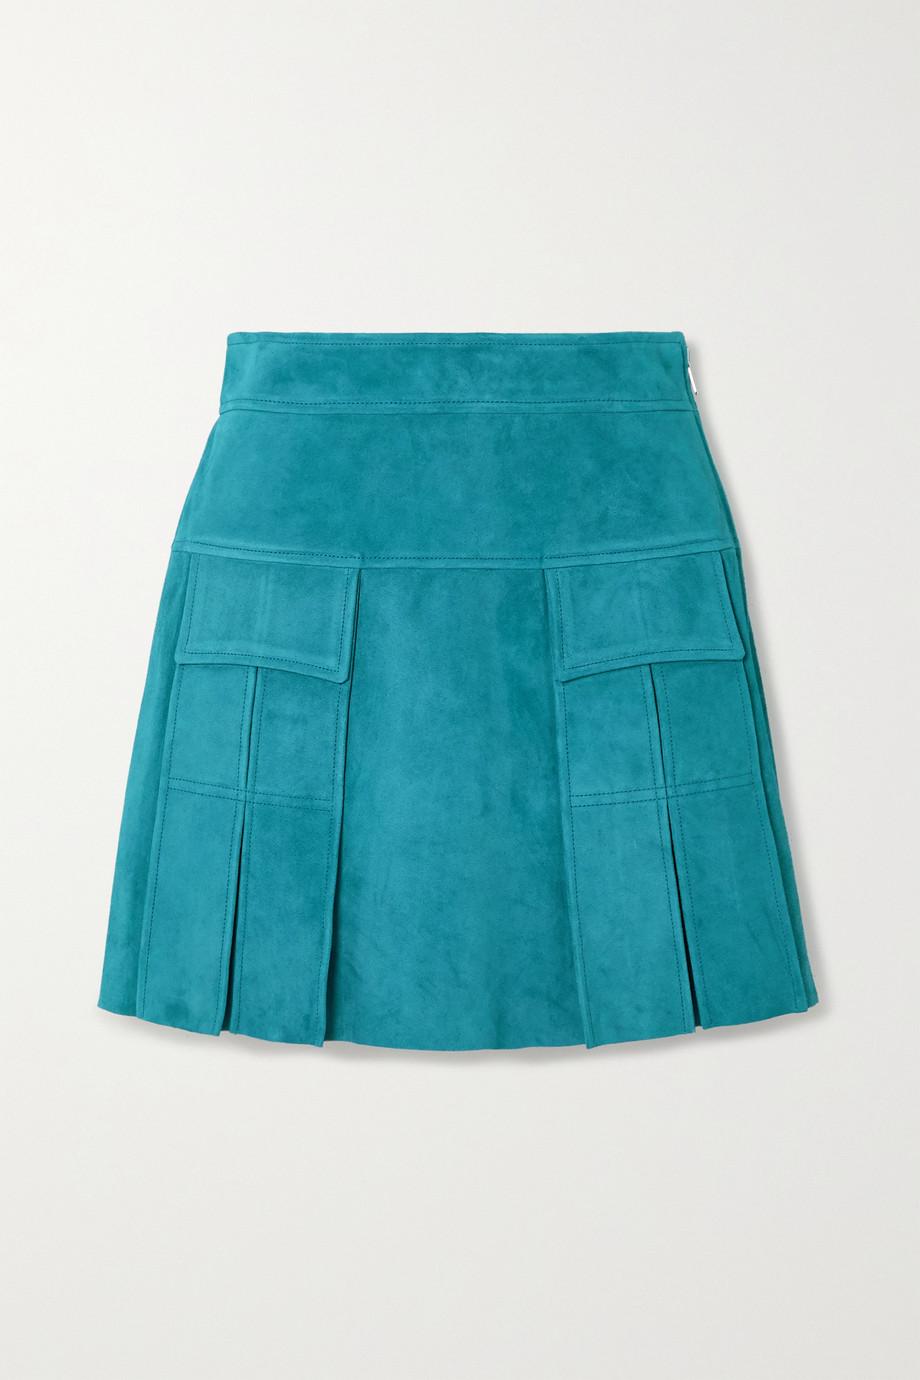 Prada Pleated suede mini skirt